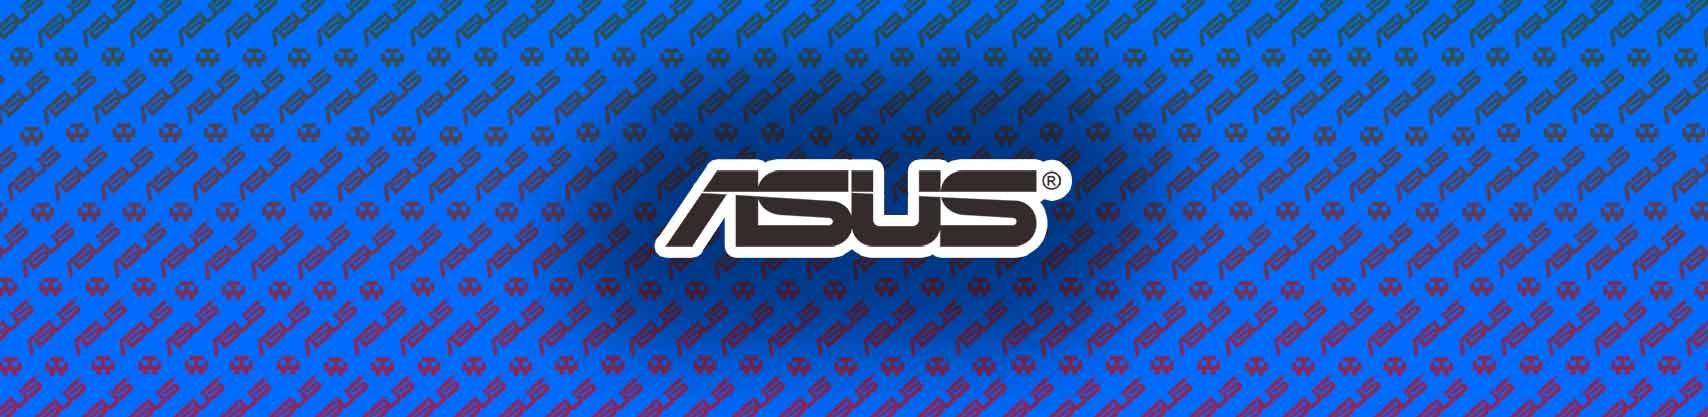 Asus Sabertooth Z77 Manual